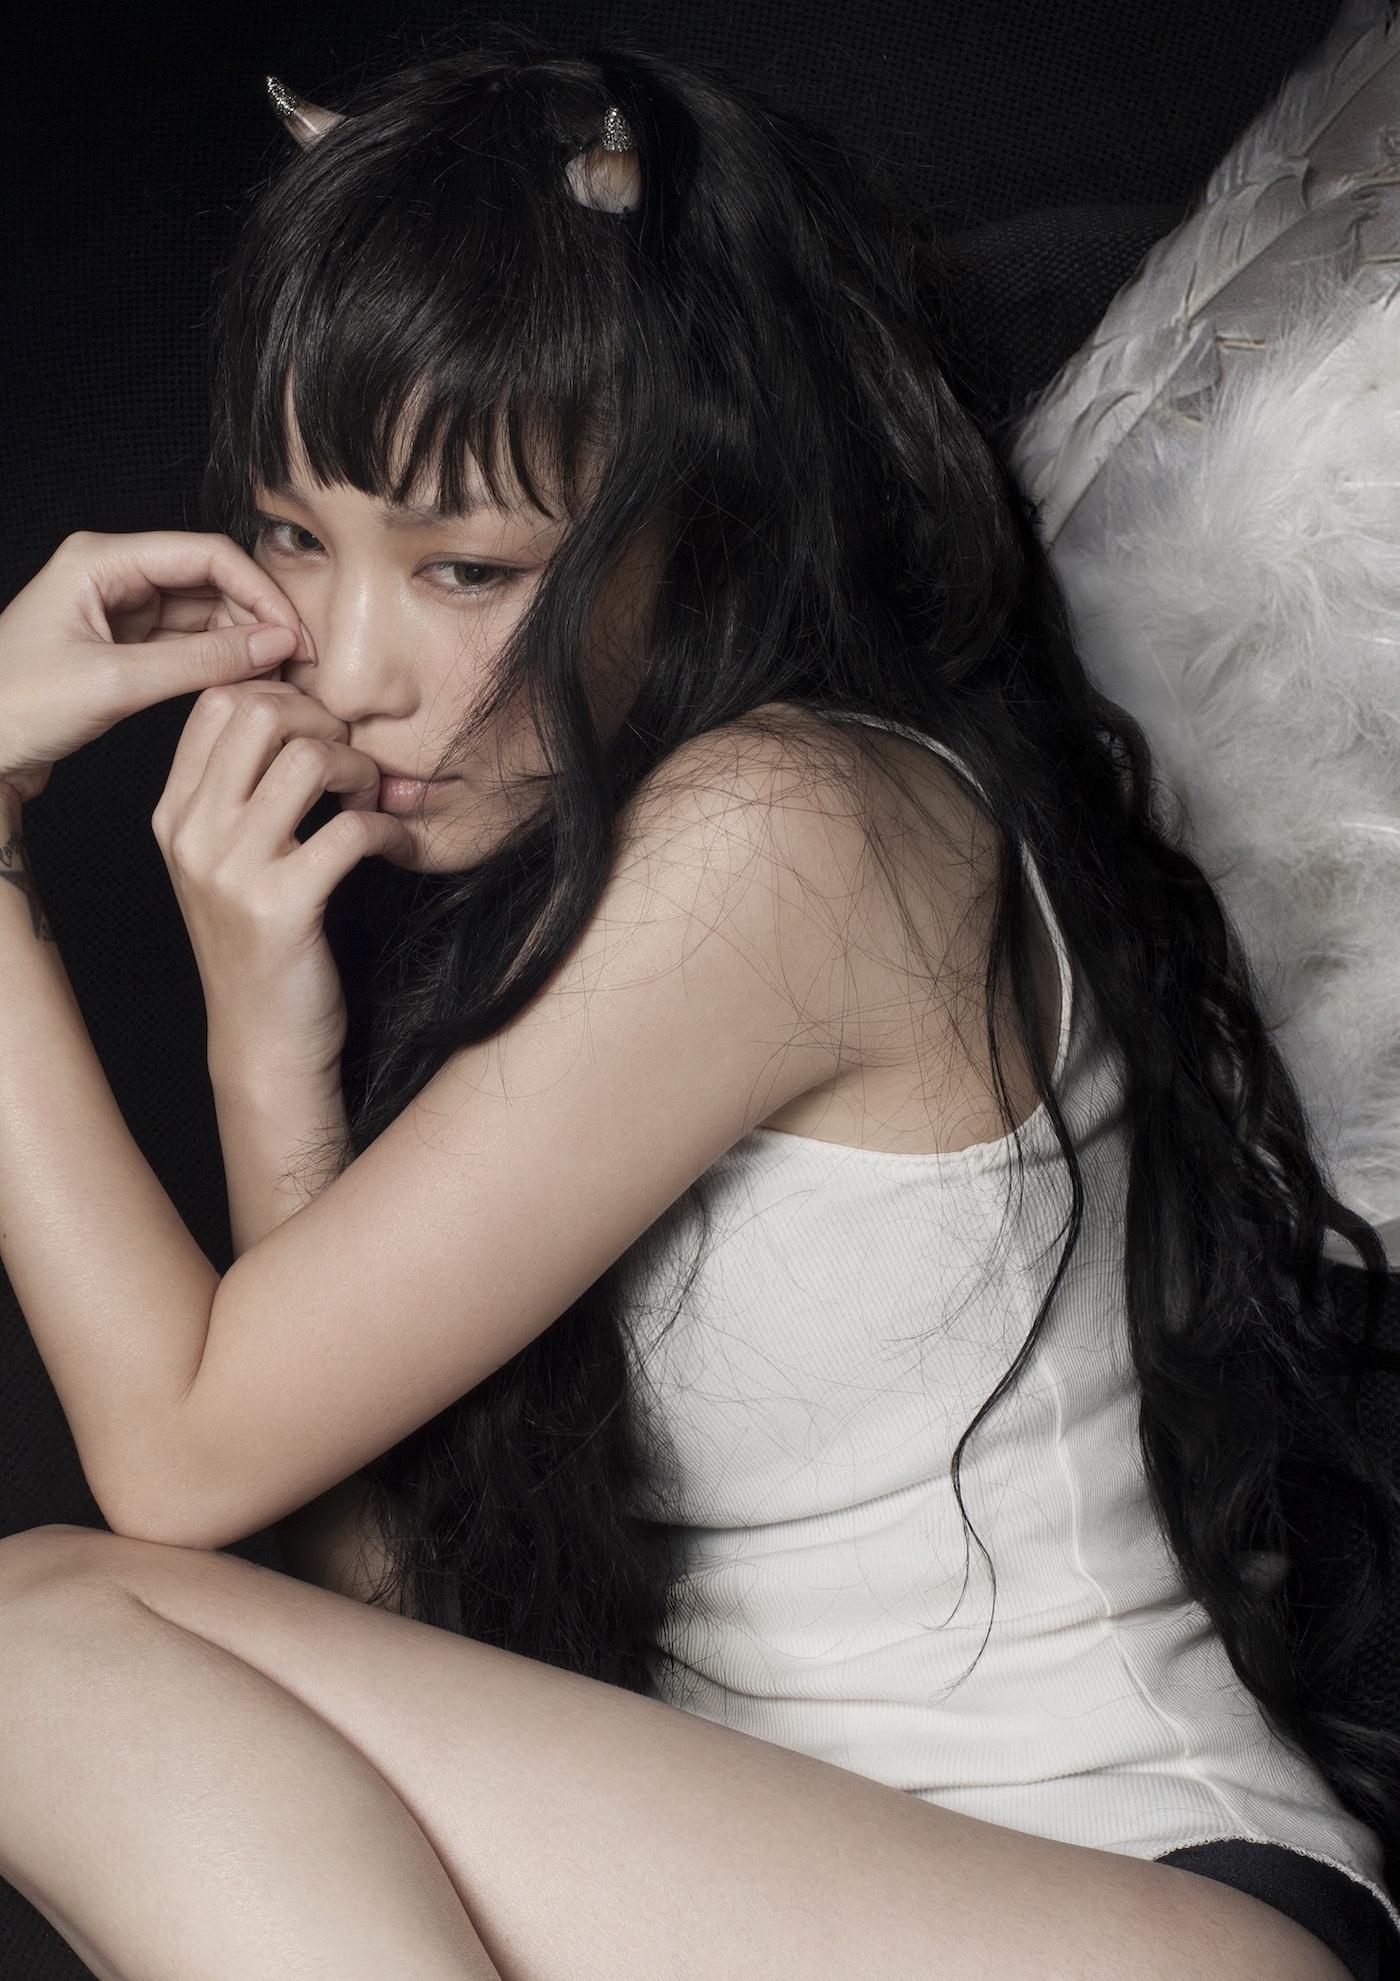 中島美嘉 新曲「KISS OF DEATH(Produced by HYDE)」ミュージックビデオフルバージョン48時間限定公開決定